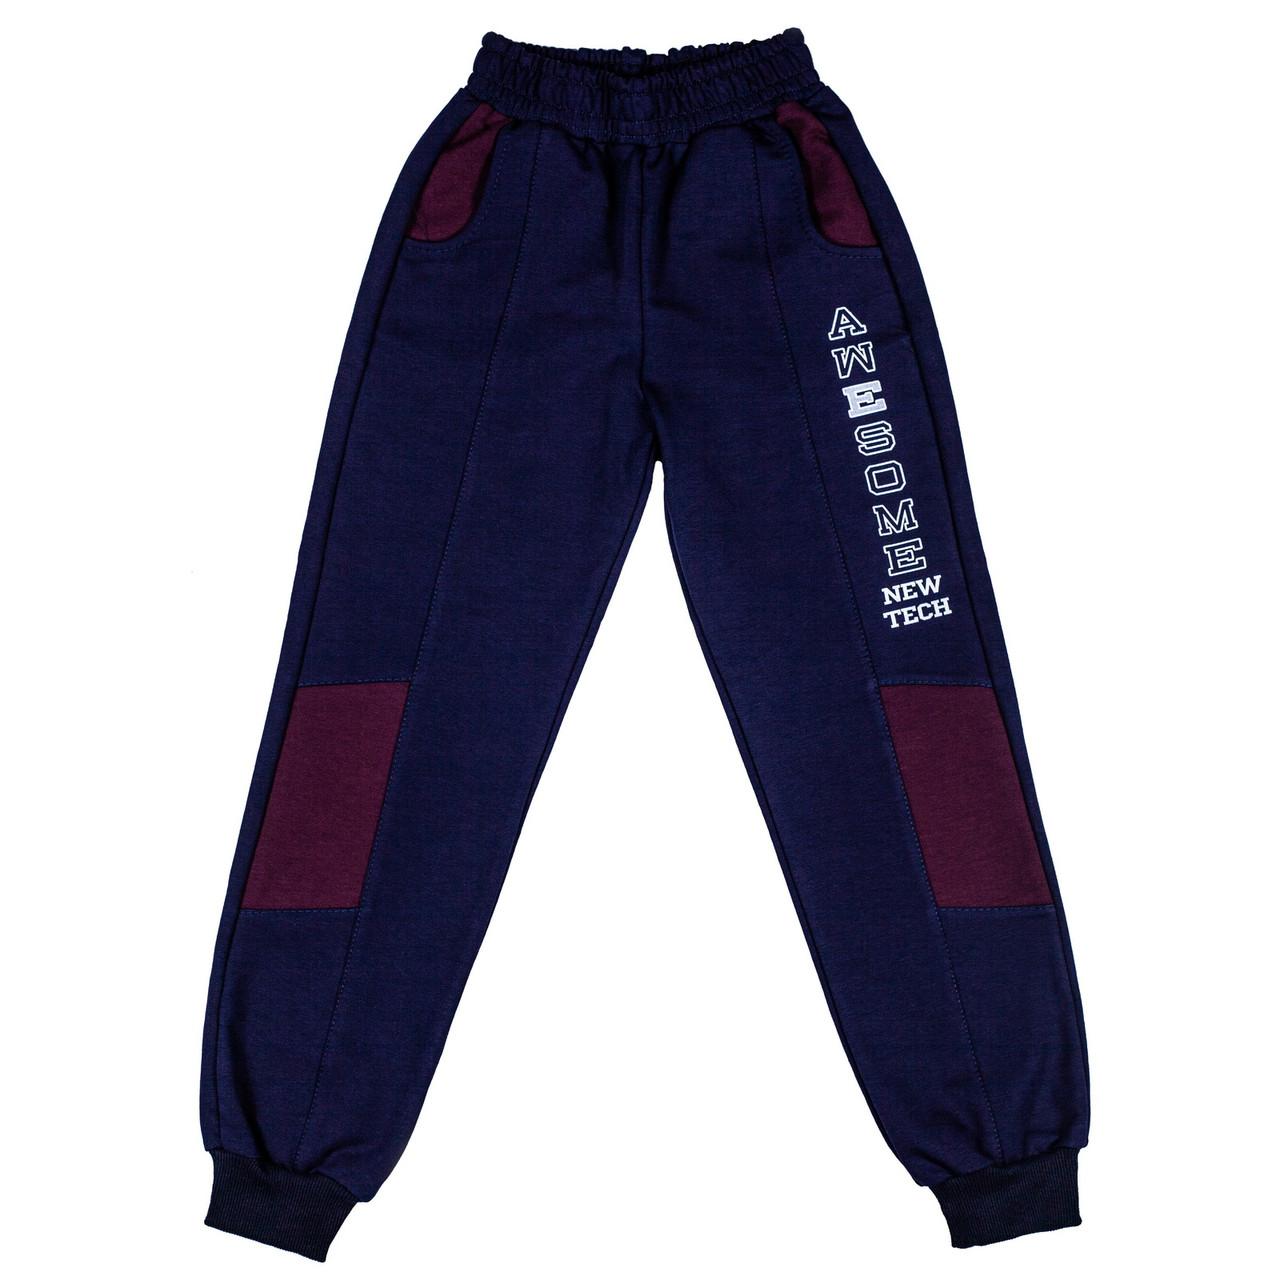 Спортивные штаны для мальчика (7-10 лет размеры)